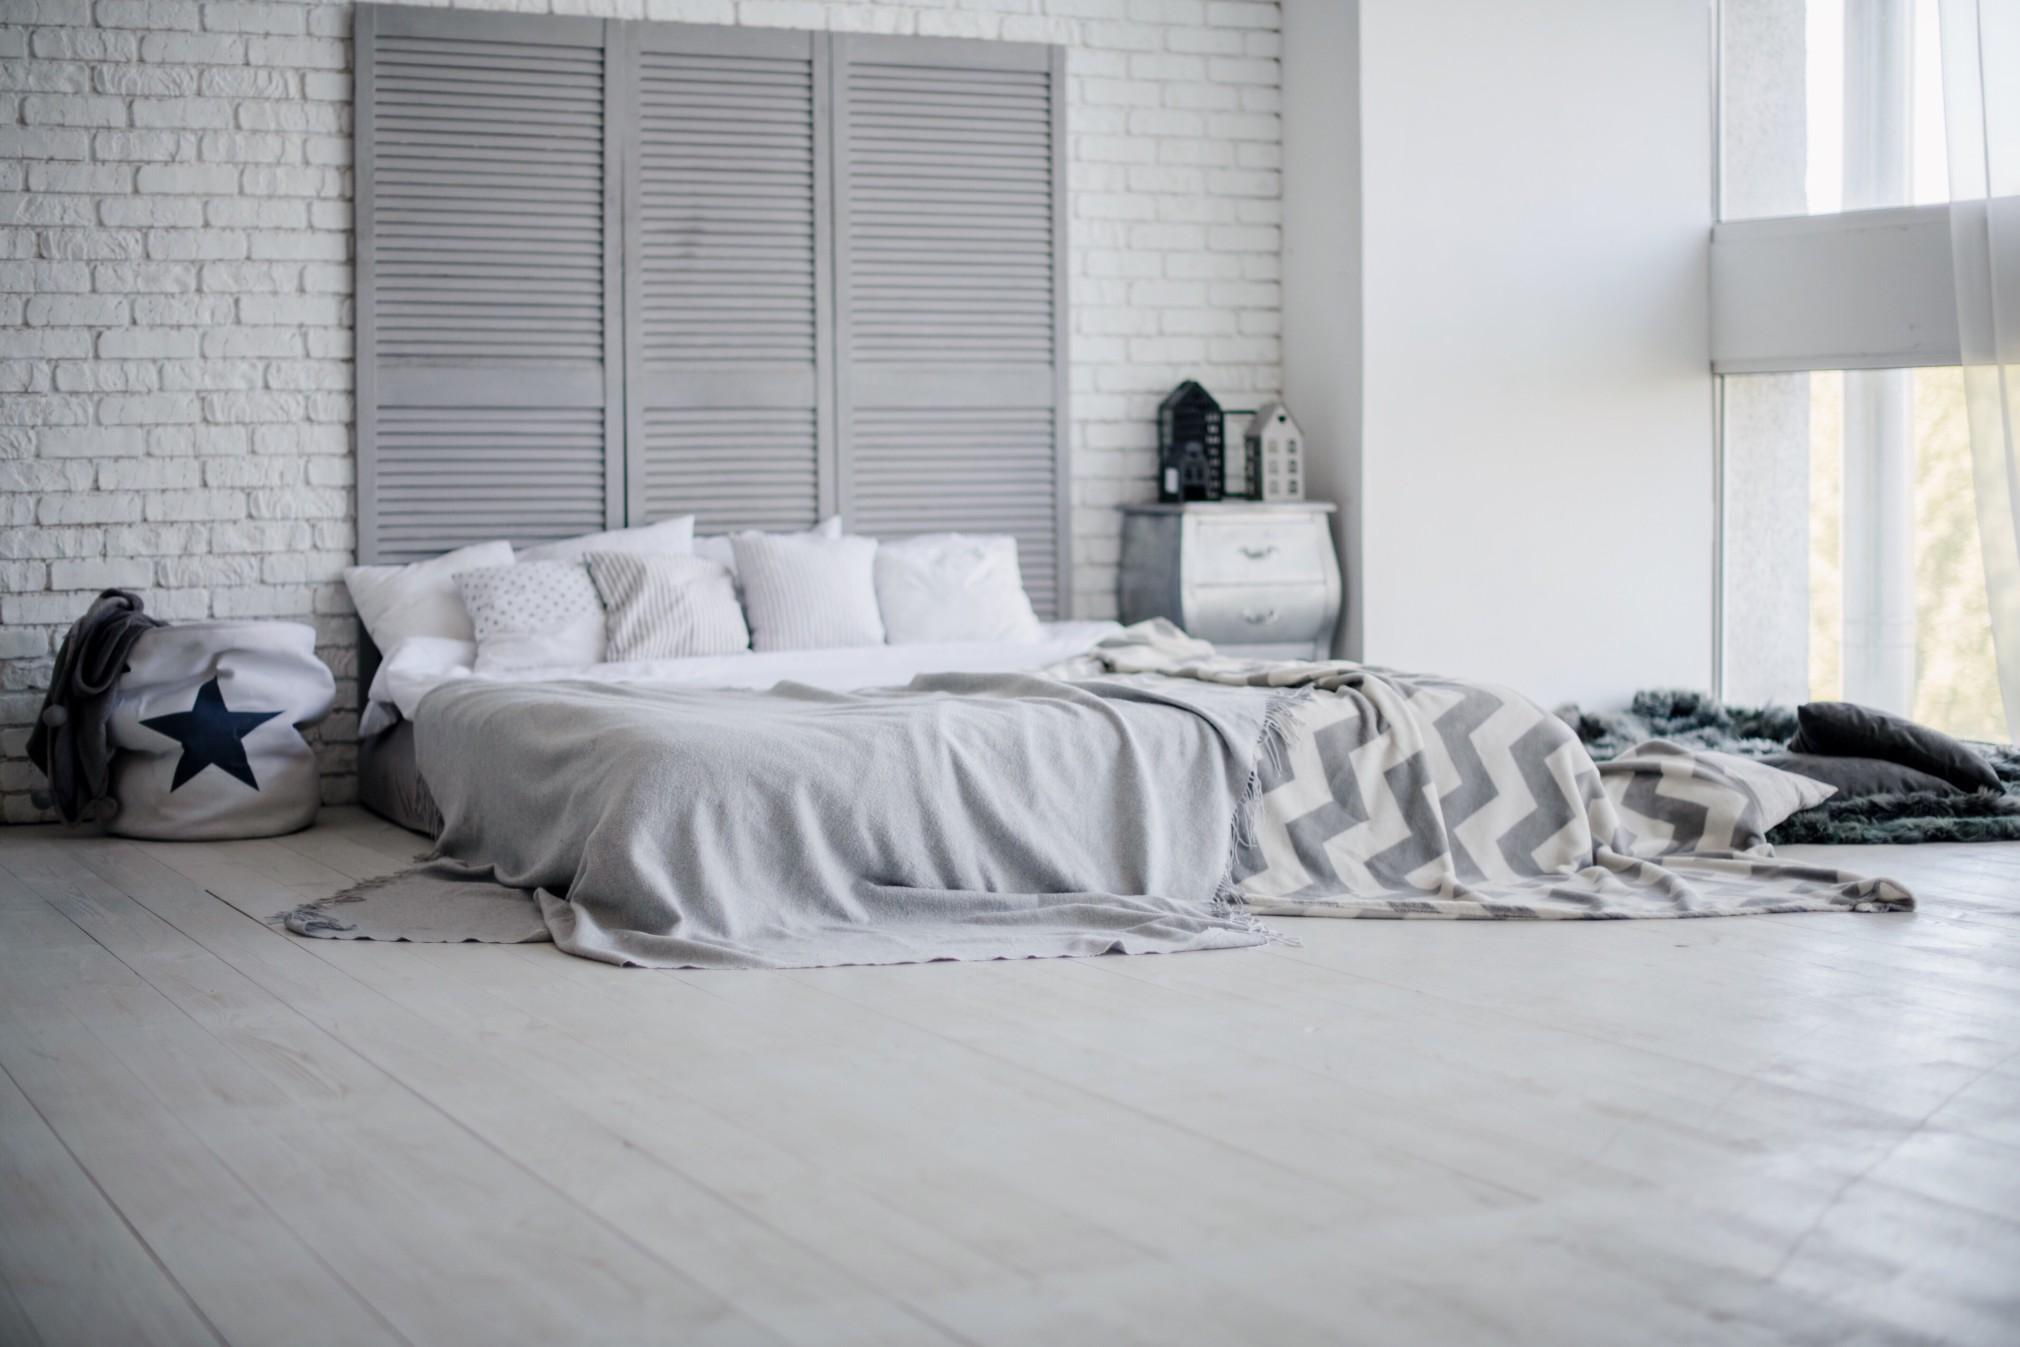 Soigner la décoration de sa chambre, les conseils.